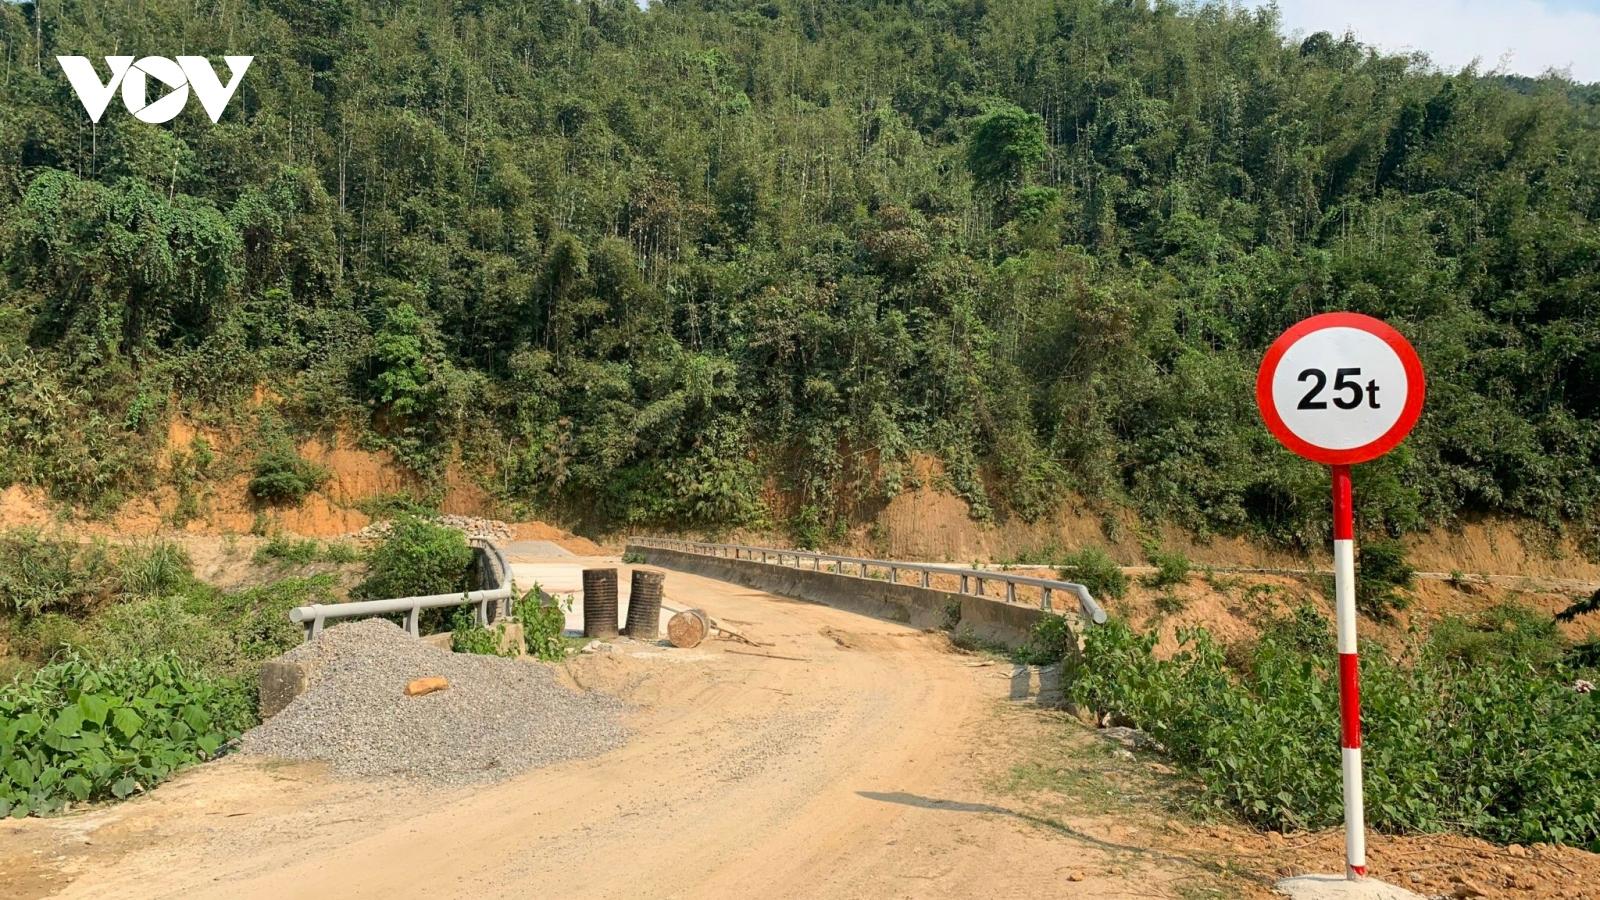 Khắc phục thất thoát, lãng phí: Hoàn thành tuyến đường liên tỉnh 10 năm thi công dang dở